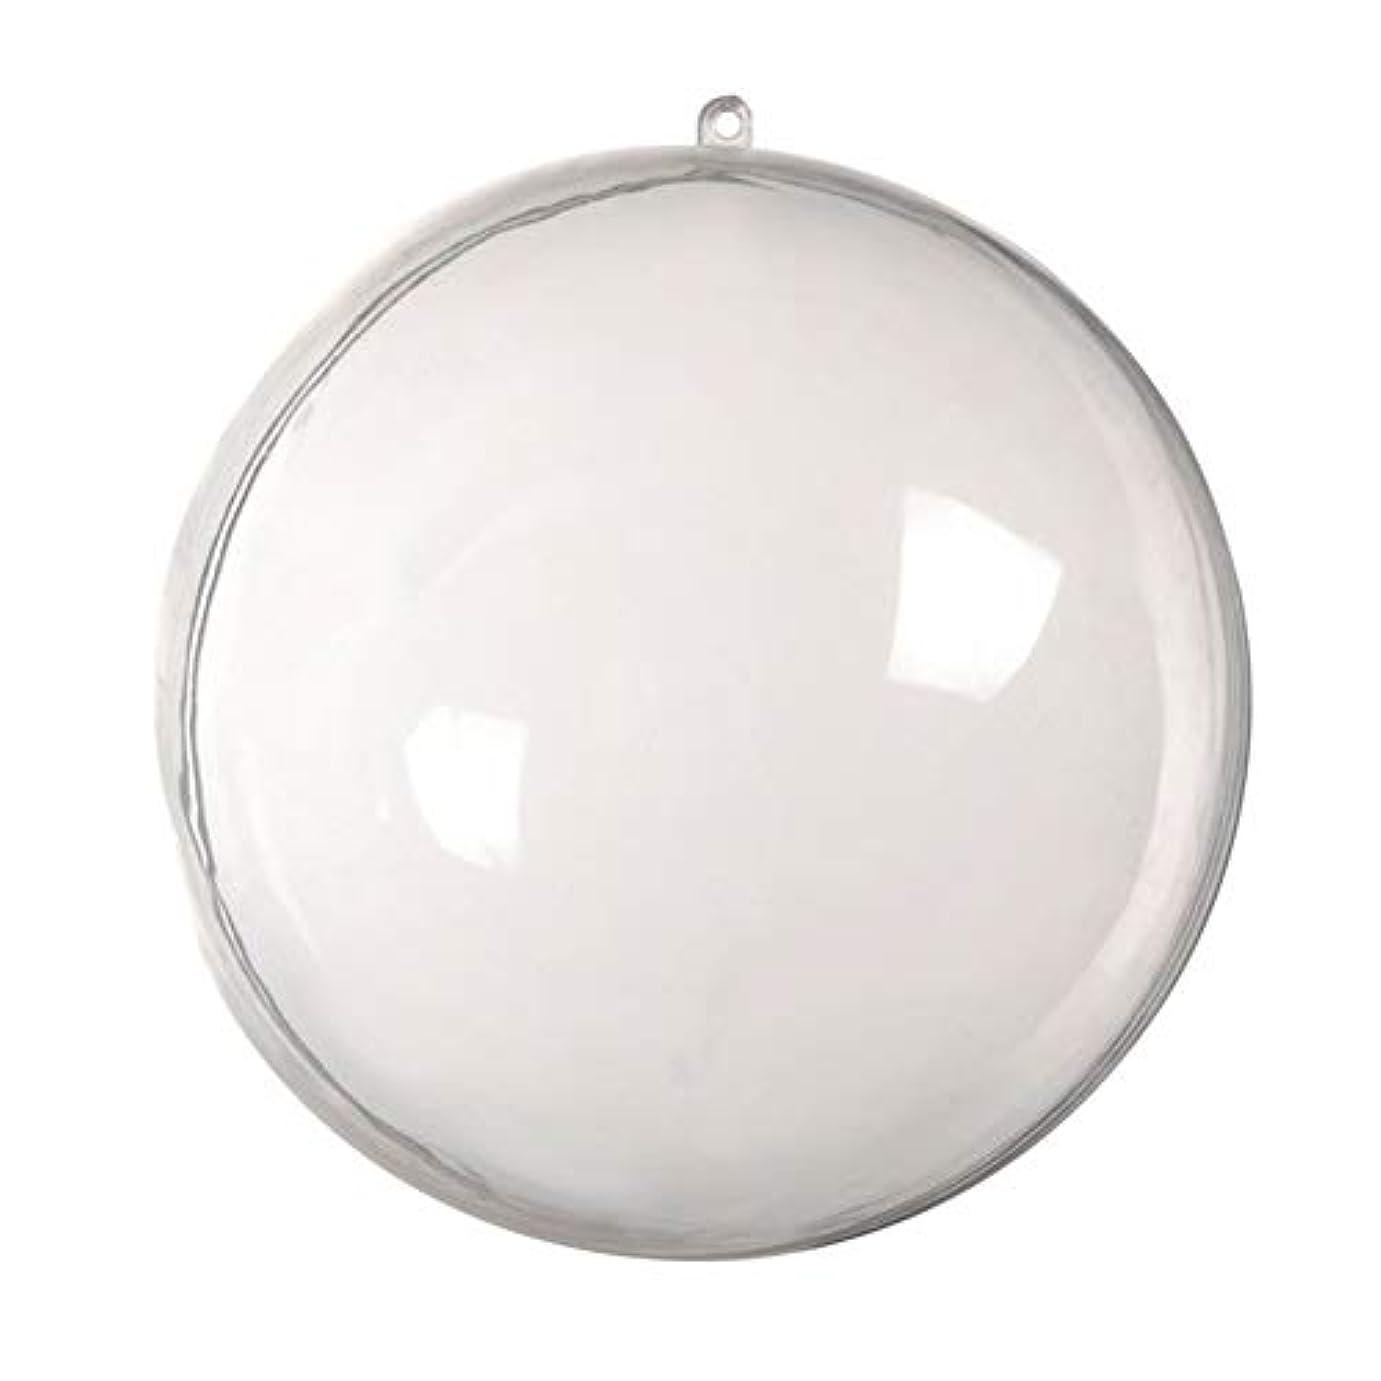 ドックその間生物学アリガドクリアプラスチッククリスマスボール、クリア透明ボール、球充填クリスマスツリー飾りDIYクラフトつまらない飾り(5個)